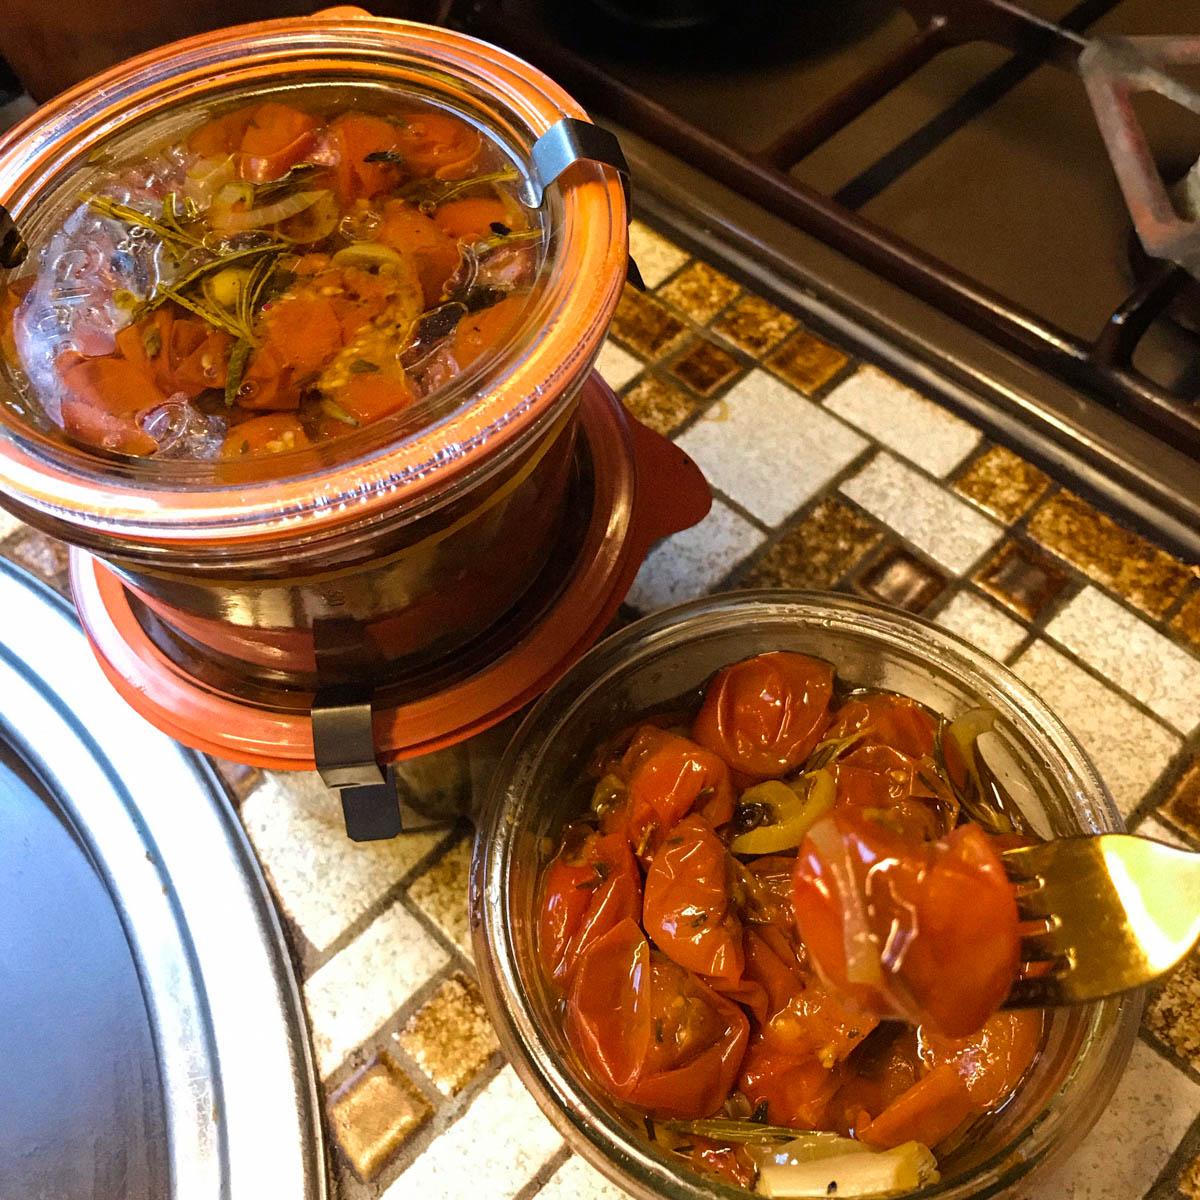 Recepte voor ingemaakte tomaatjes uit de Makkelijke Moestuin